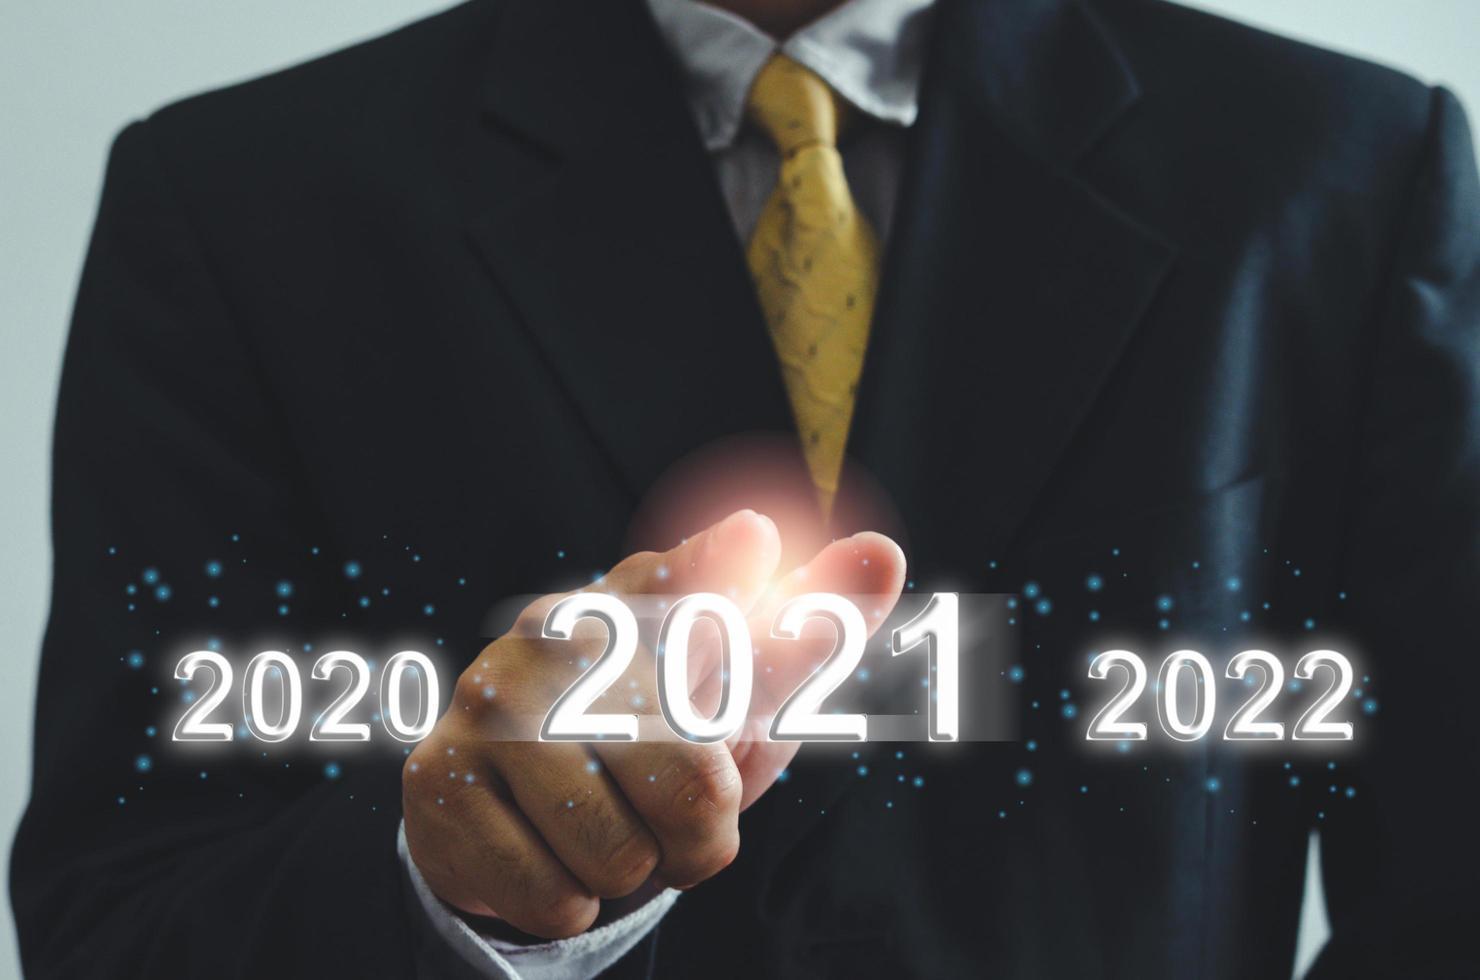 2021 concetto di business foto